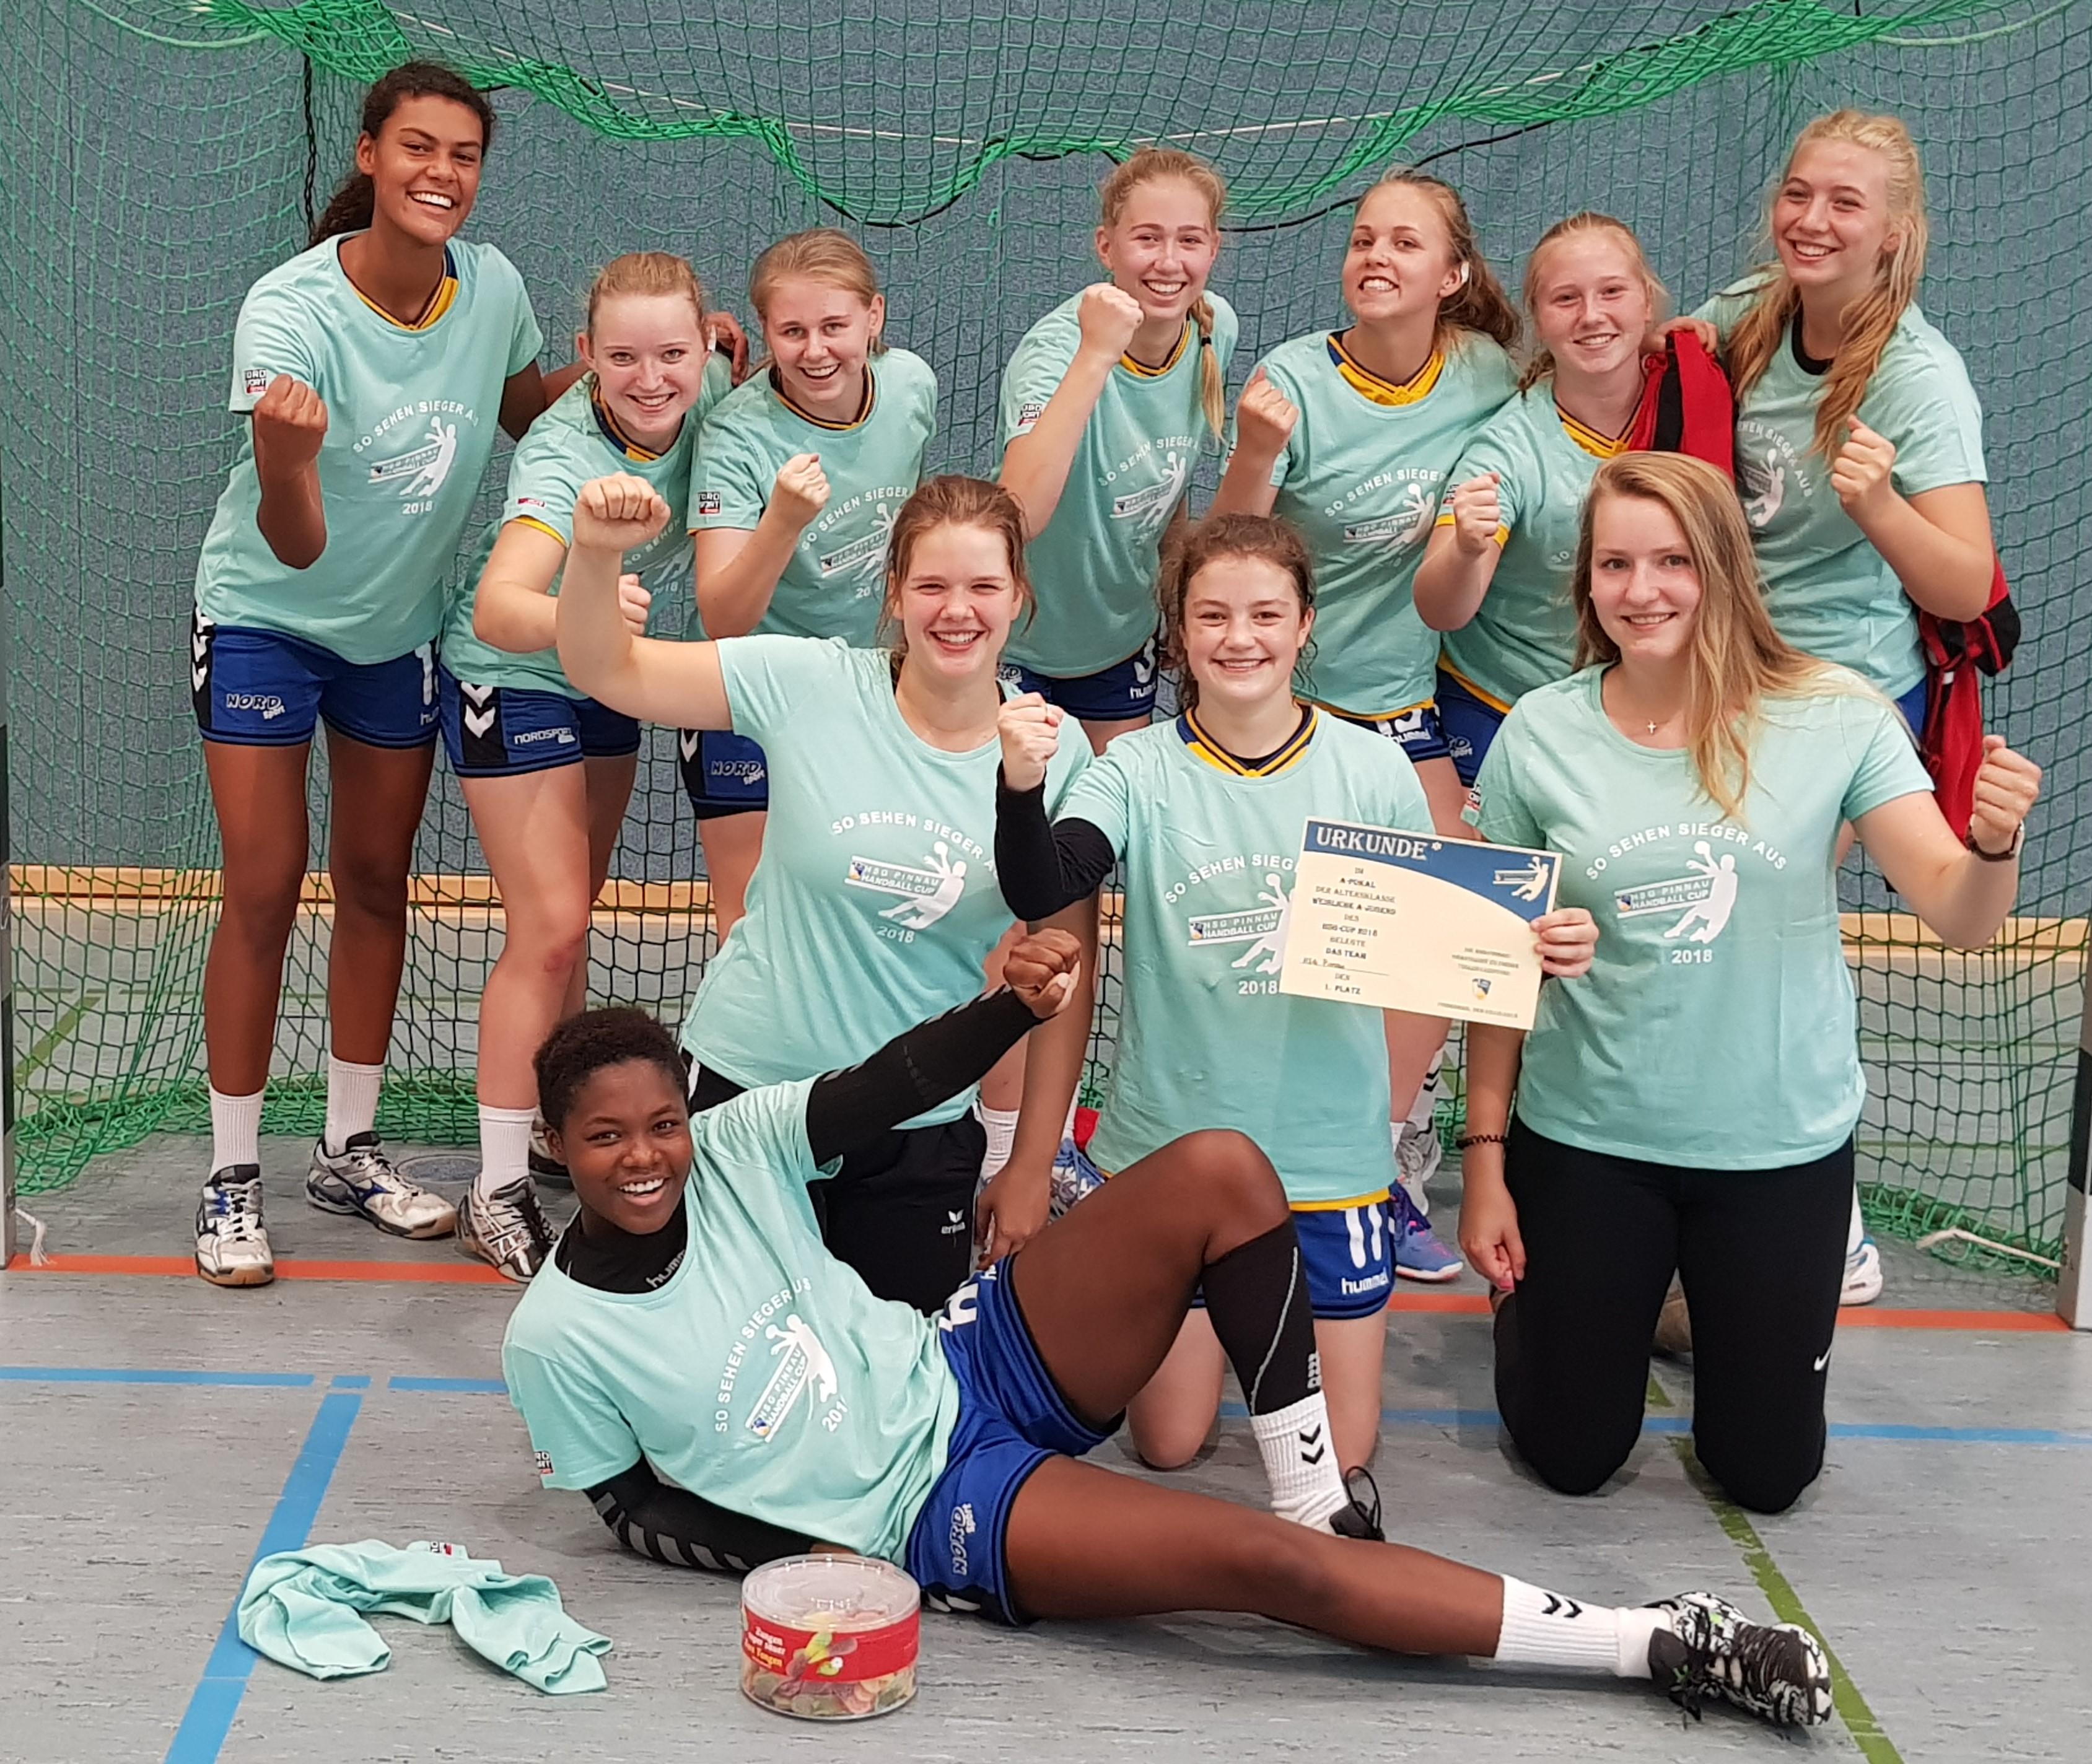 Sieger HSG Pinnau Cup 2018 - weibl. A-Jugend: HSG Pinnau